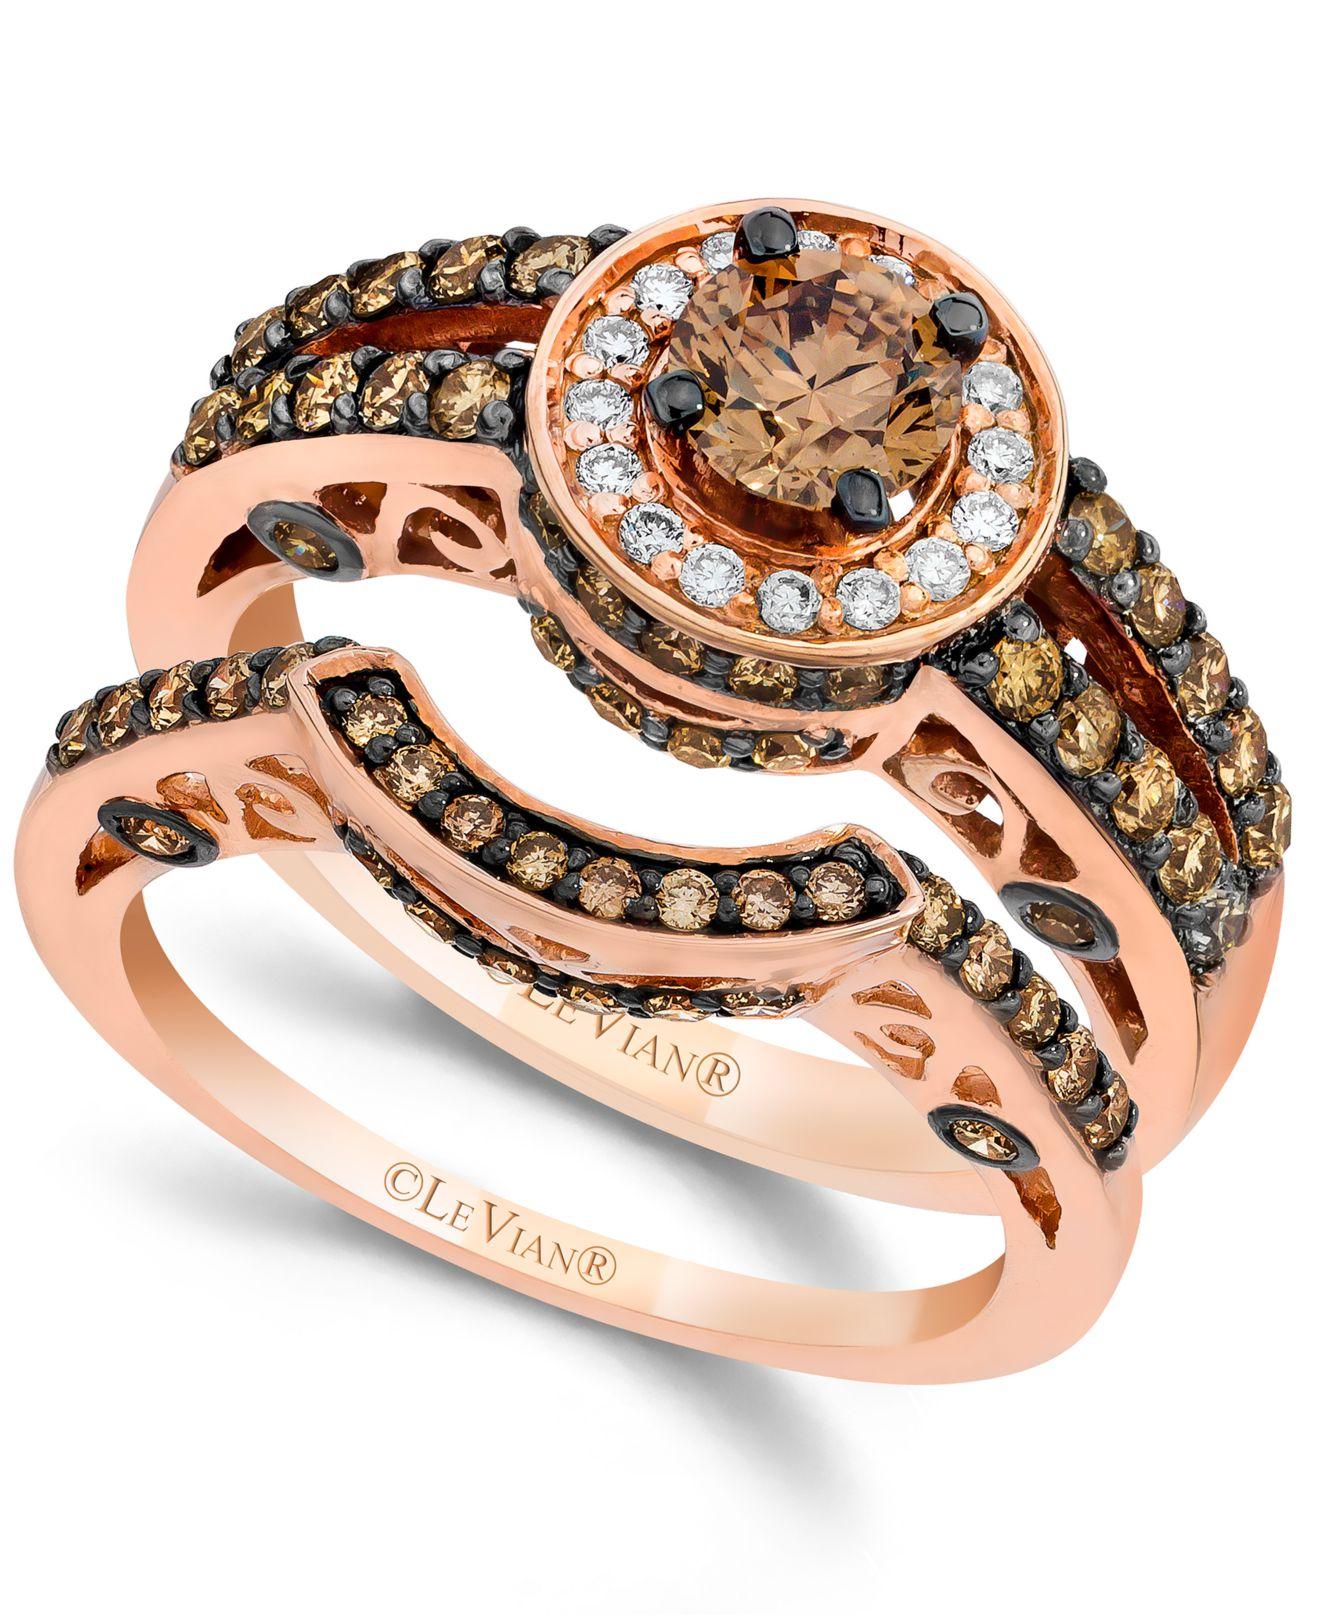 chocolate diamond promise rings 9 chocolate diamond wedding rings chocolate diamond promise rings 9